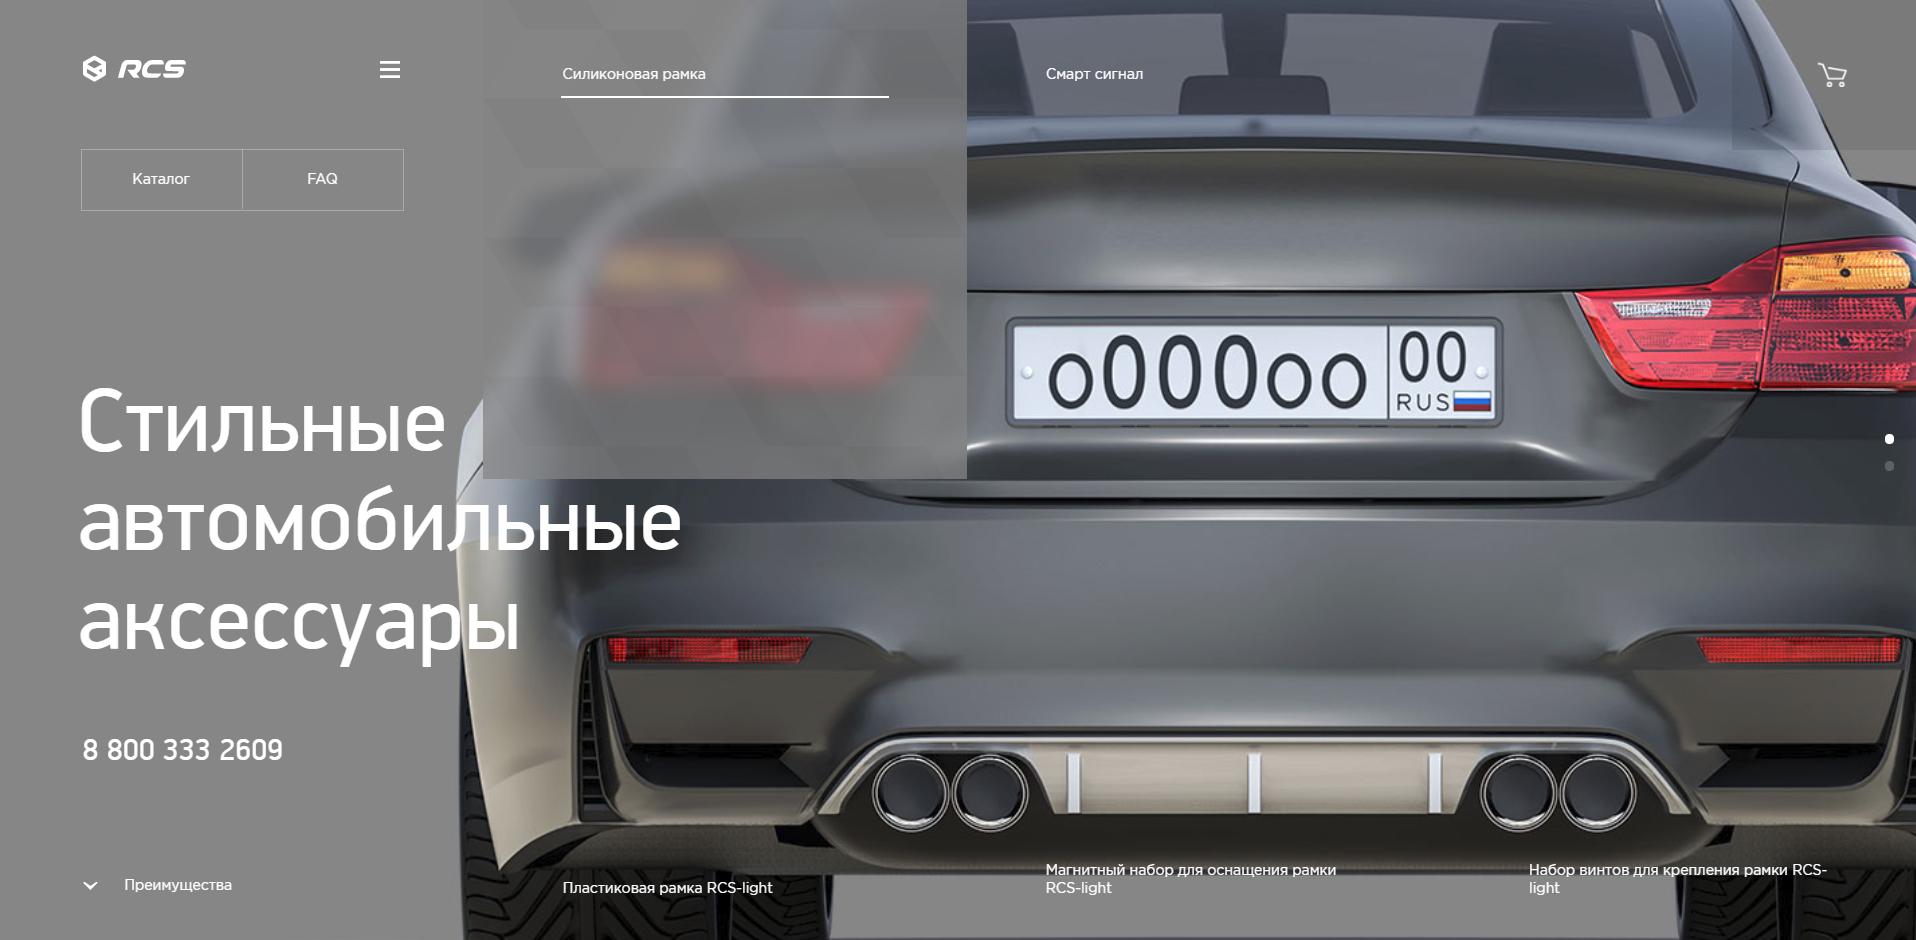 Как делать лучшие сайты в России - 2